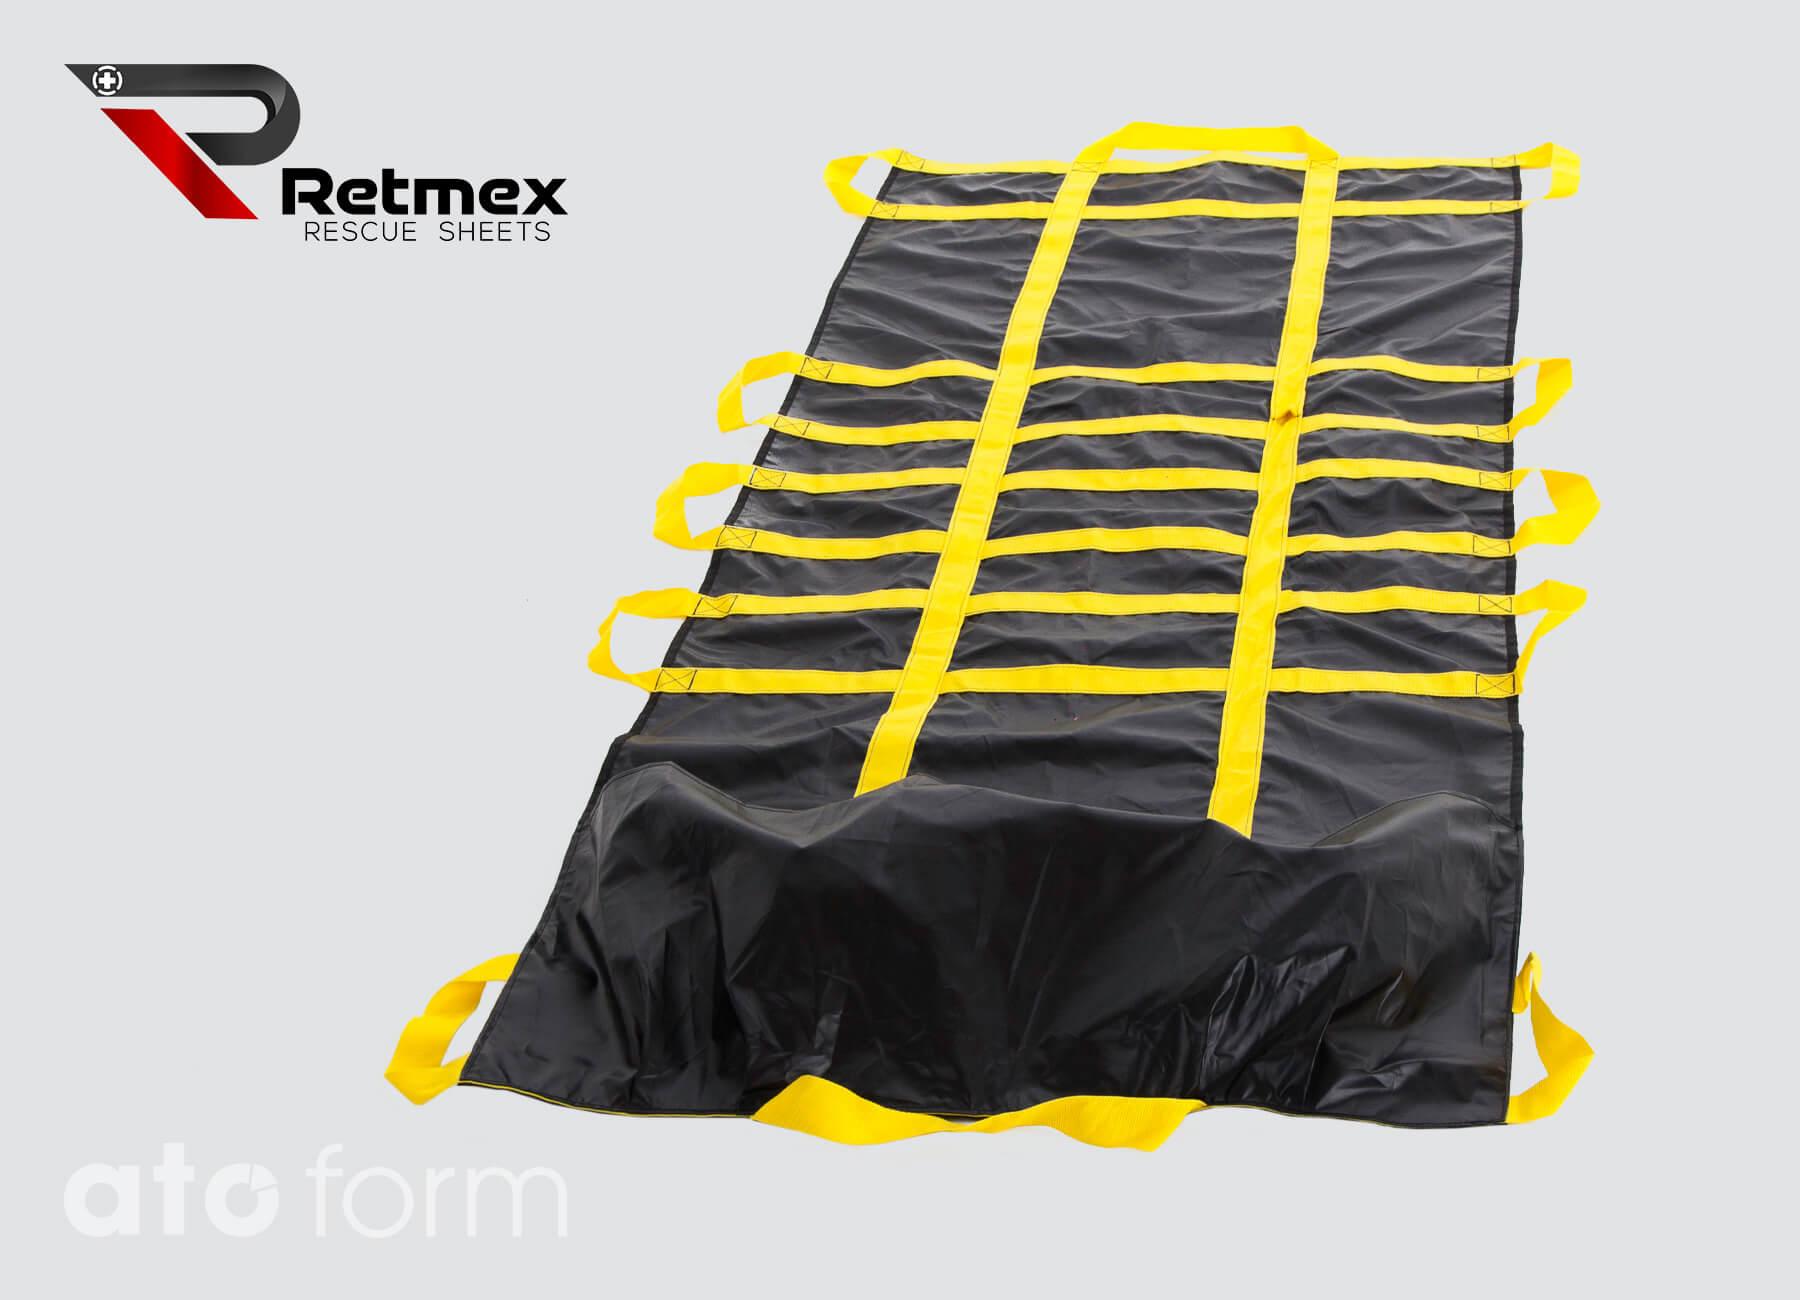 Retmex Kompakt Modell